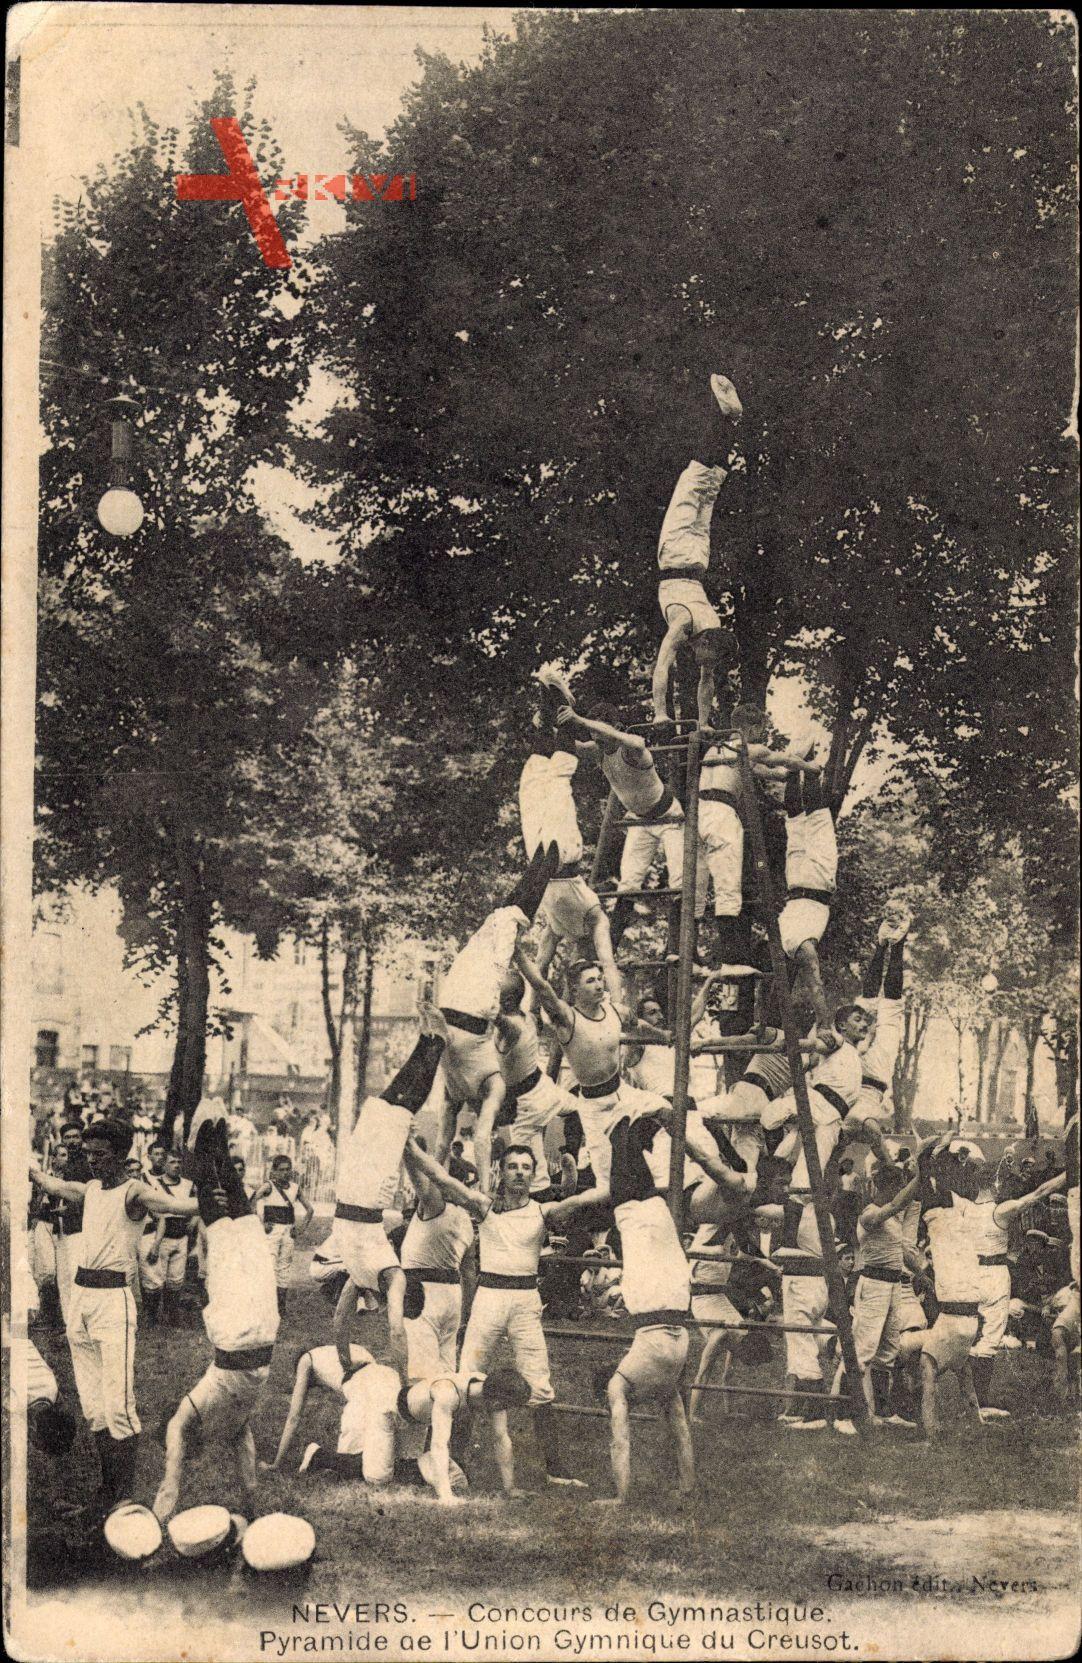 Nevers Nièvre,Concours de Gymnastique,Pyramide de lUnion Gymnique du Creusot